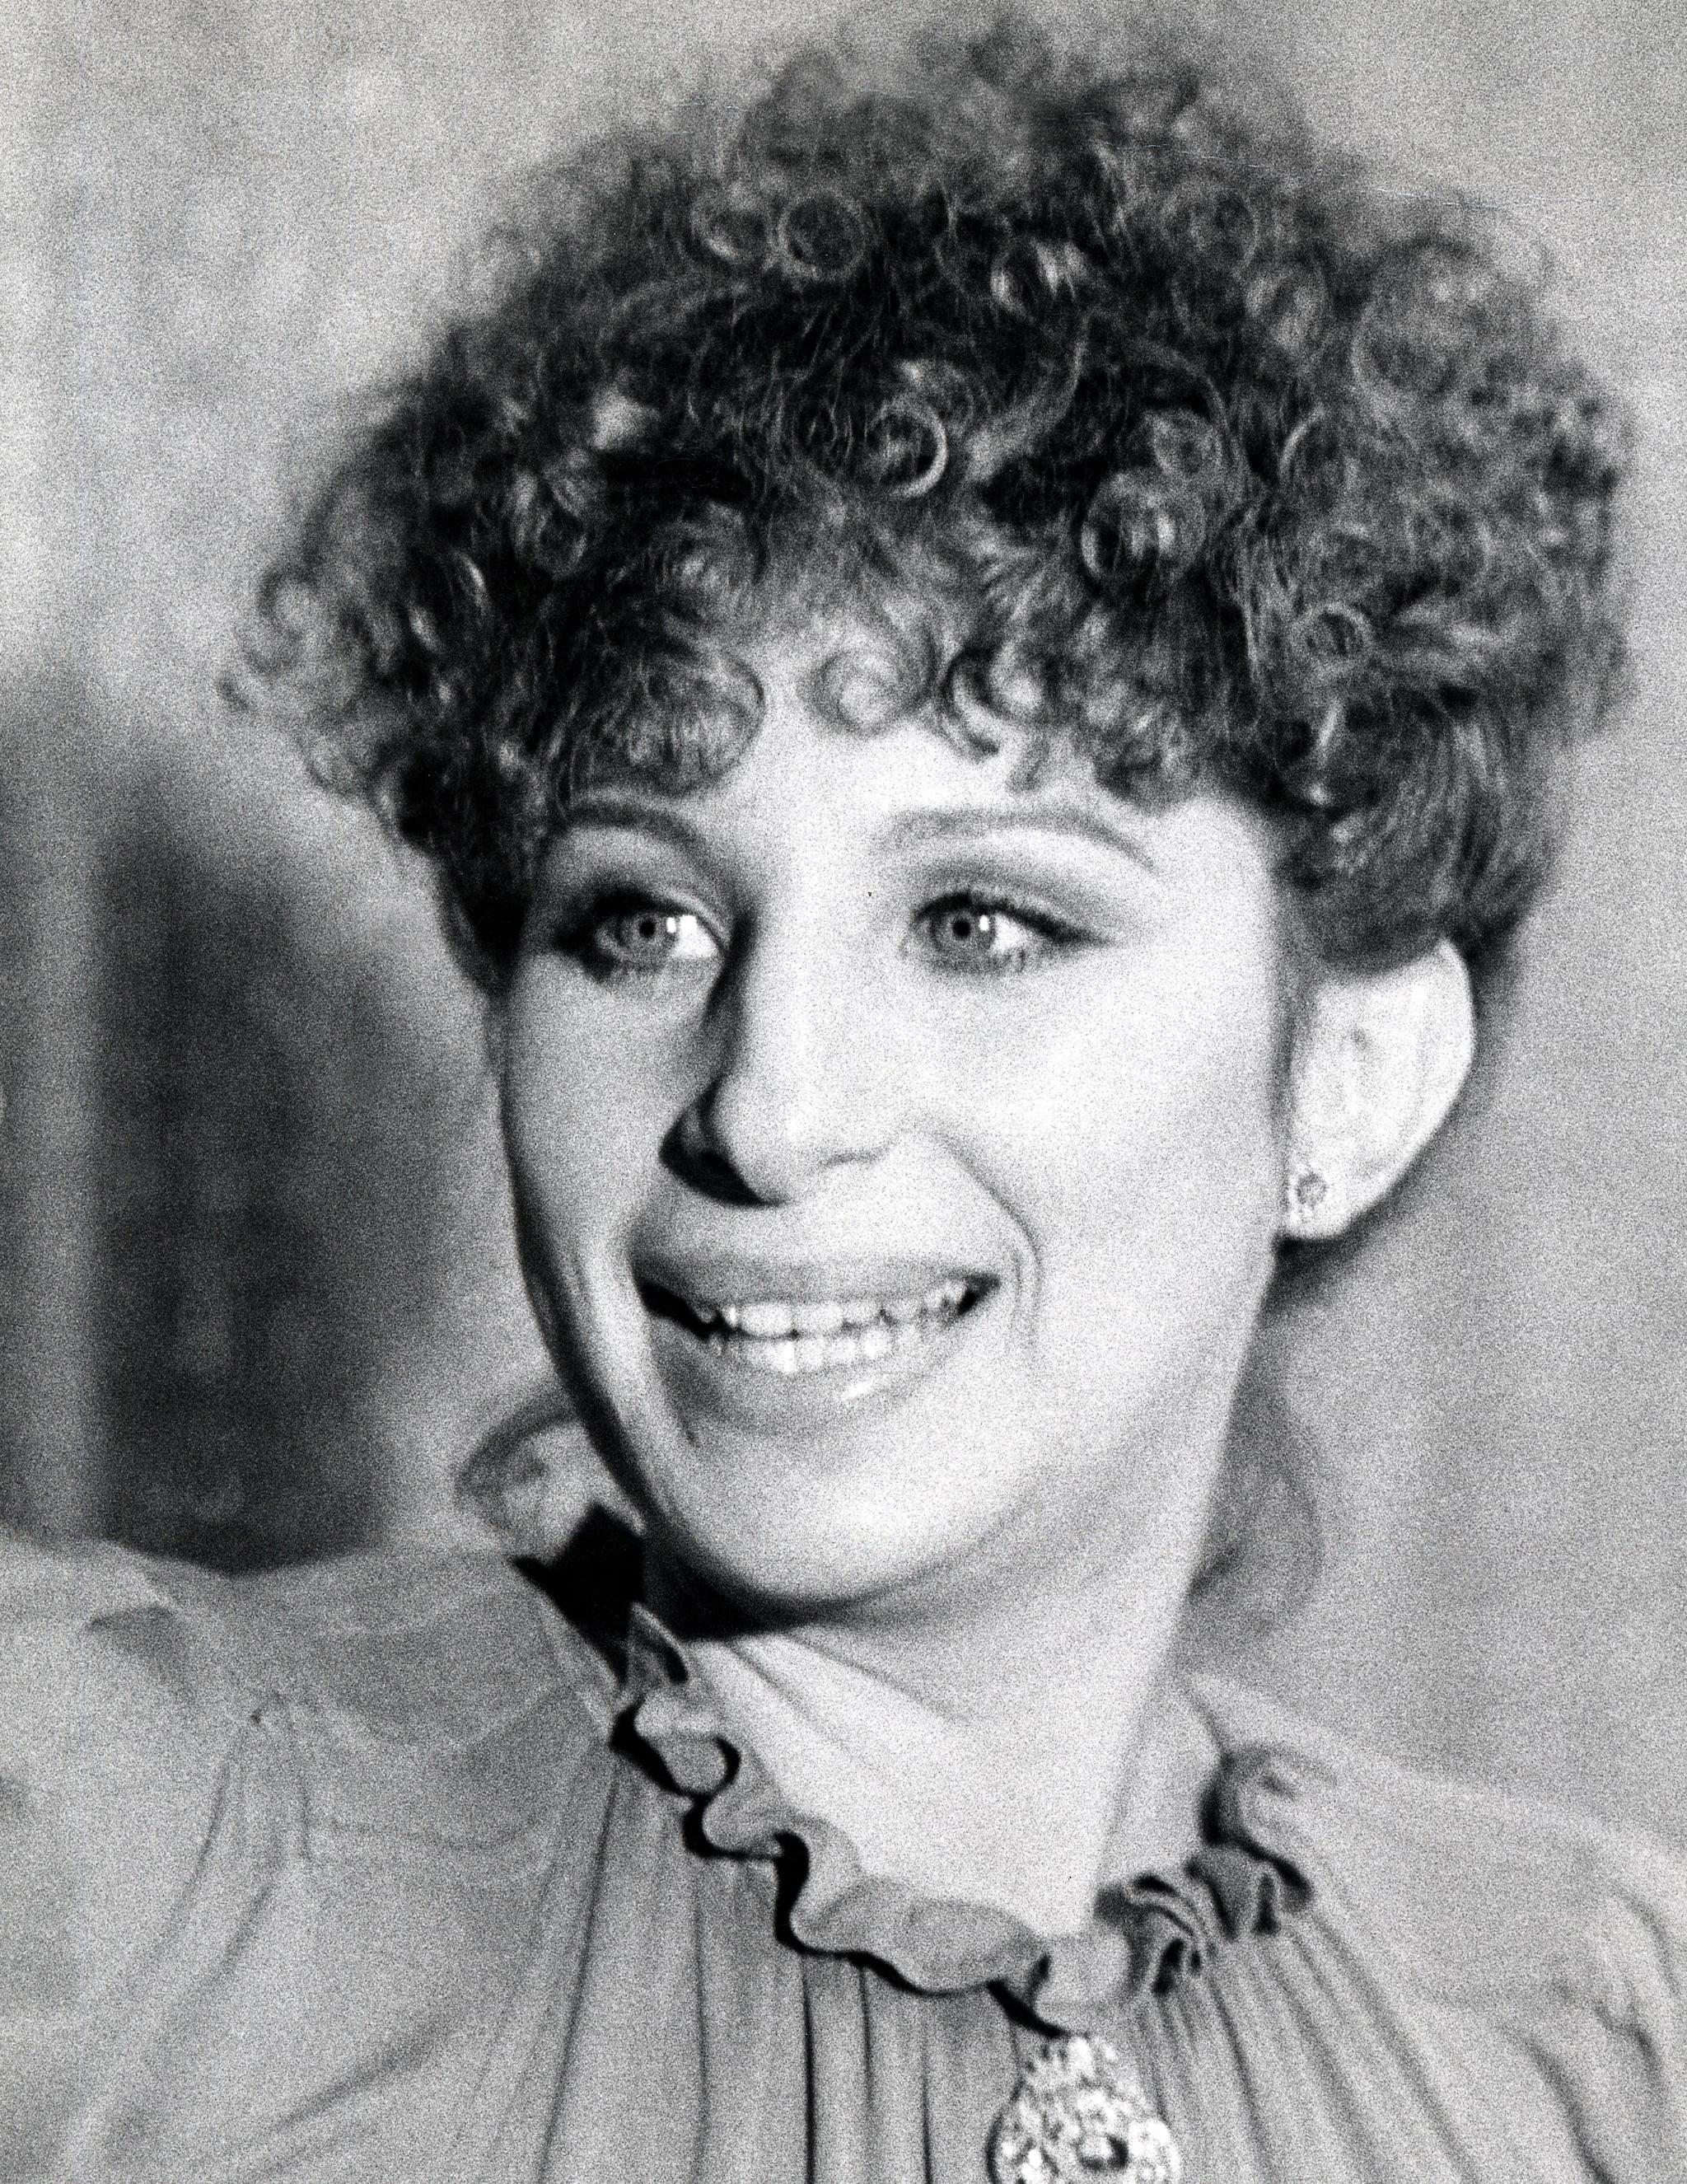 Barbra Streisand, 1977